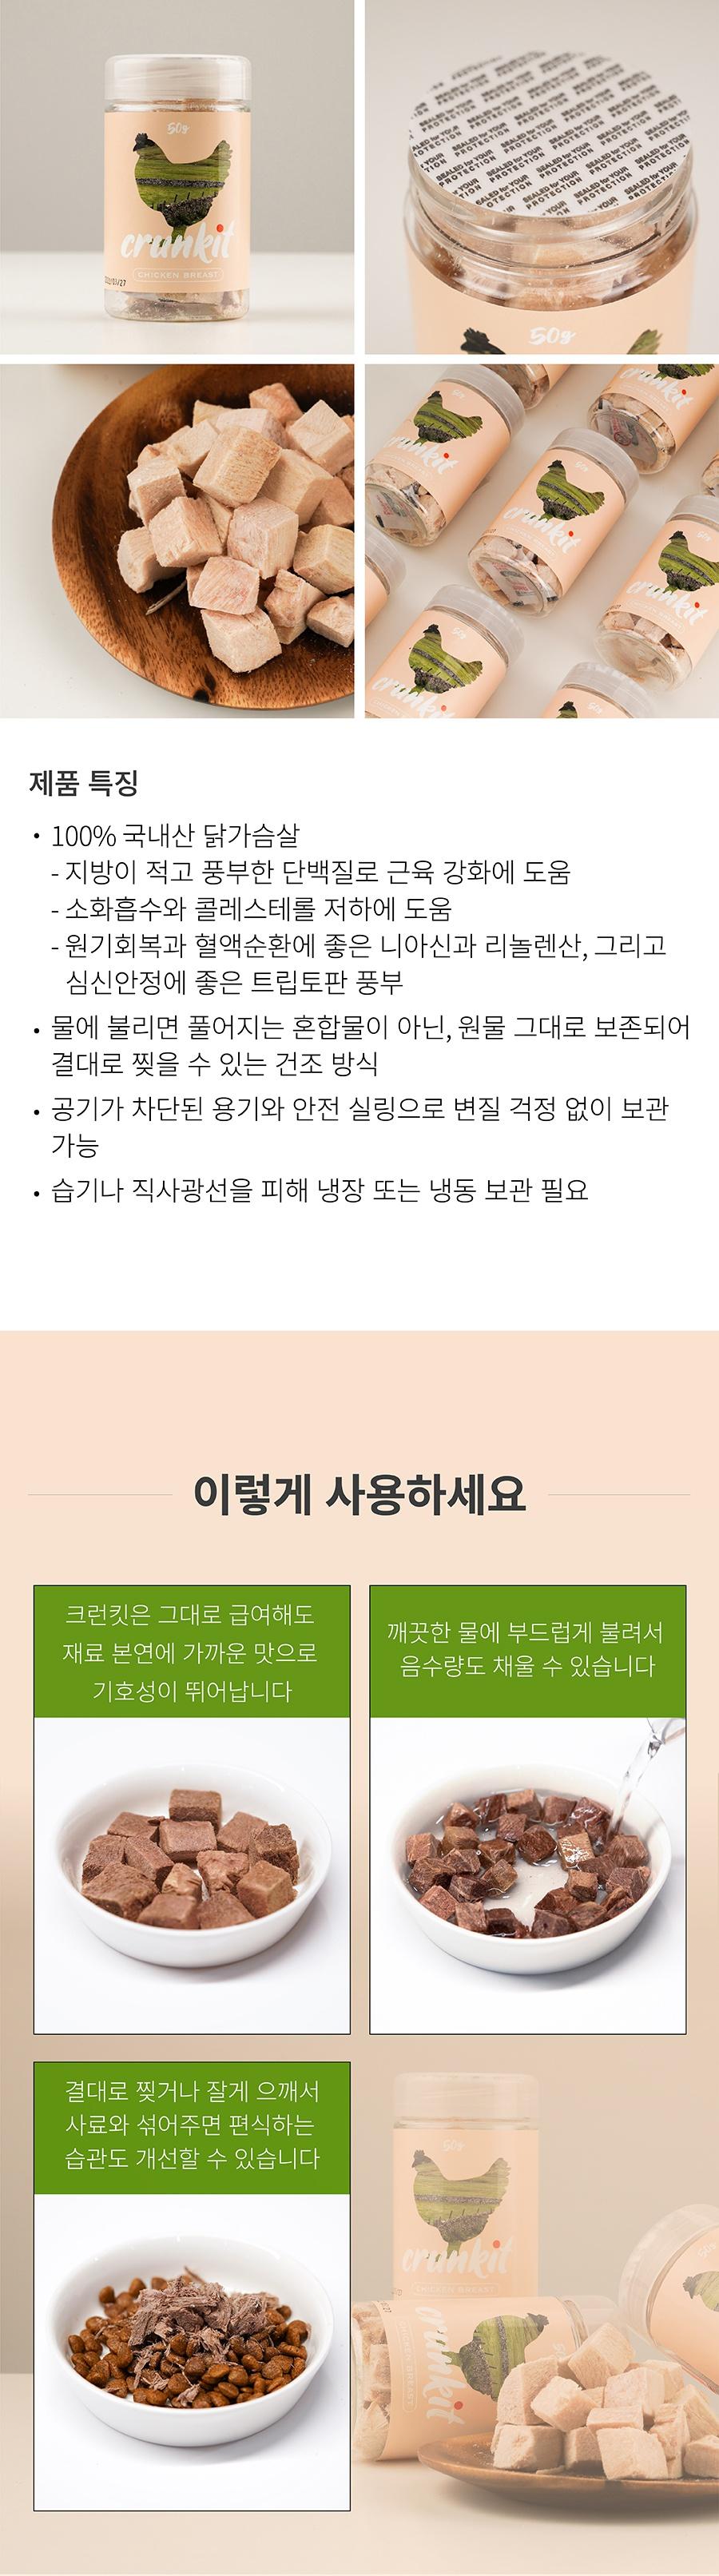 it 크런킷 모음전-상품이미지-68